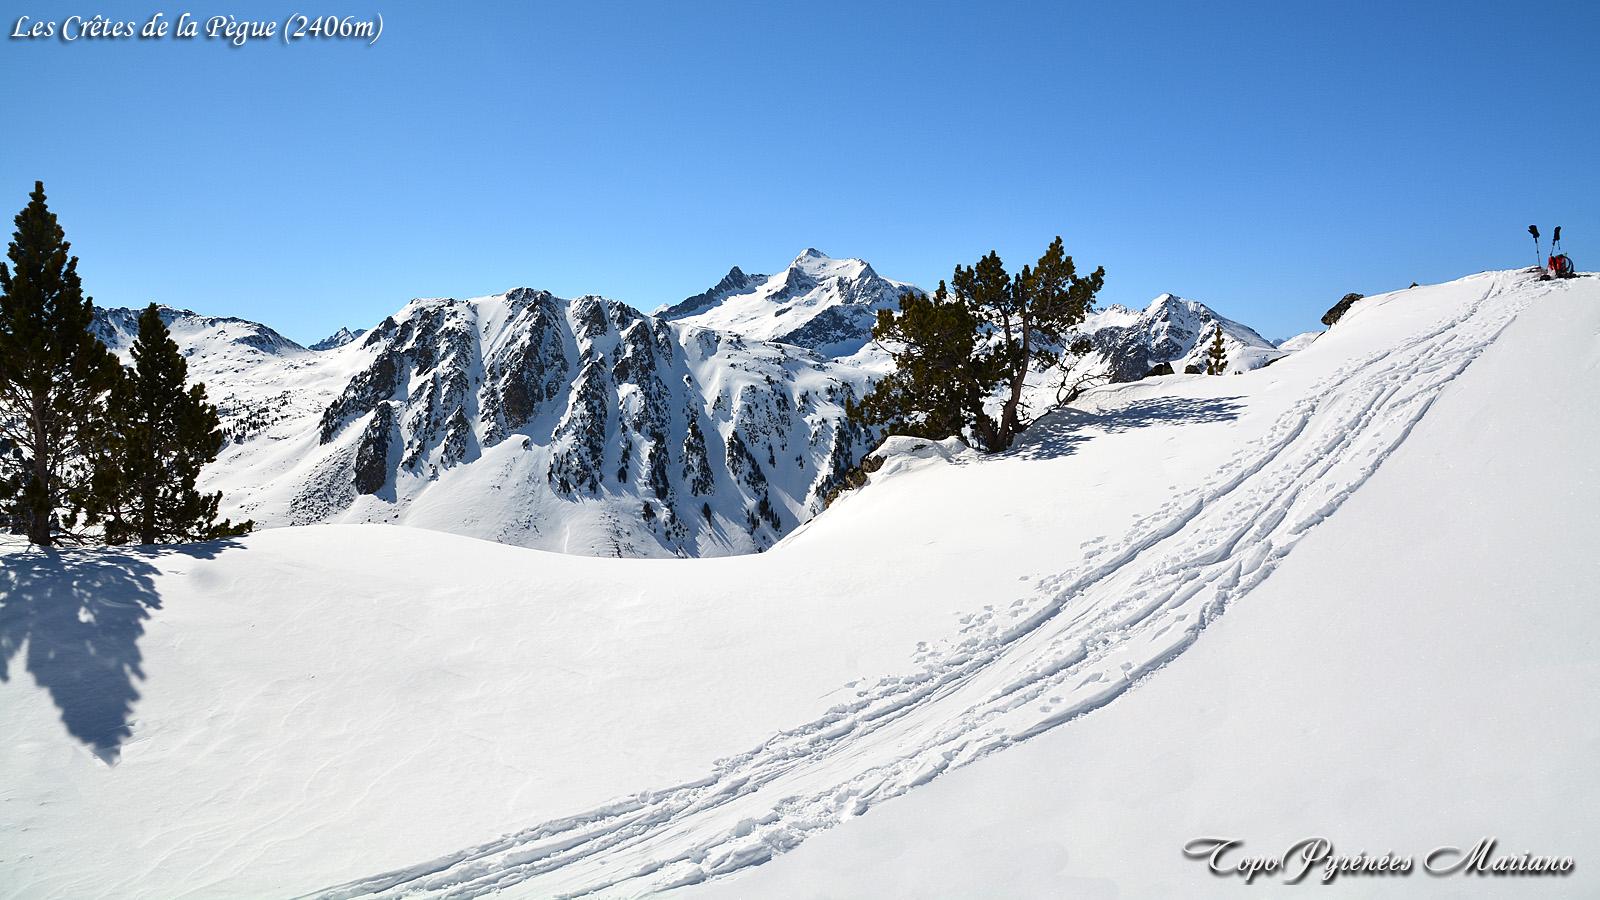 Raquettes Crêtes de la Pègue (2406m)